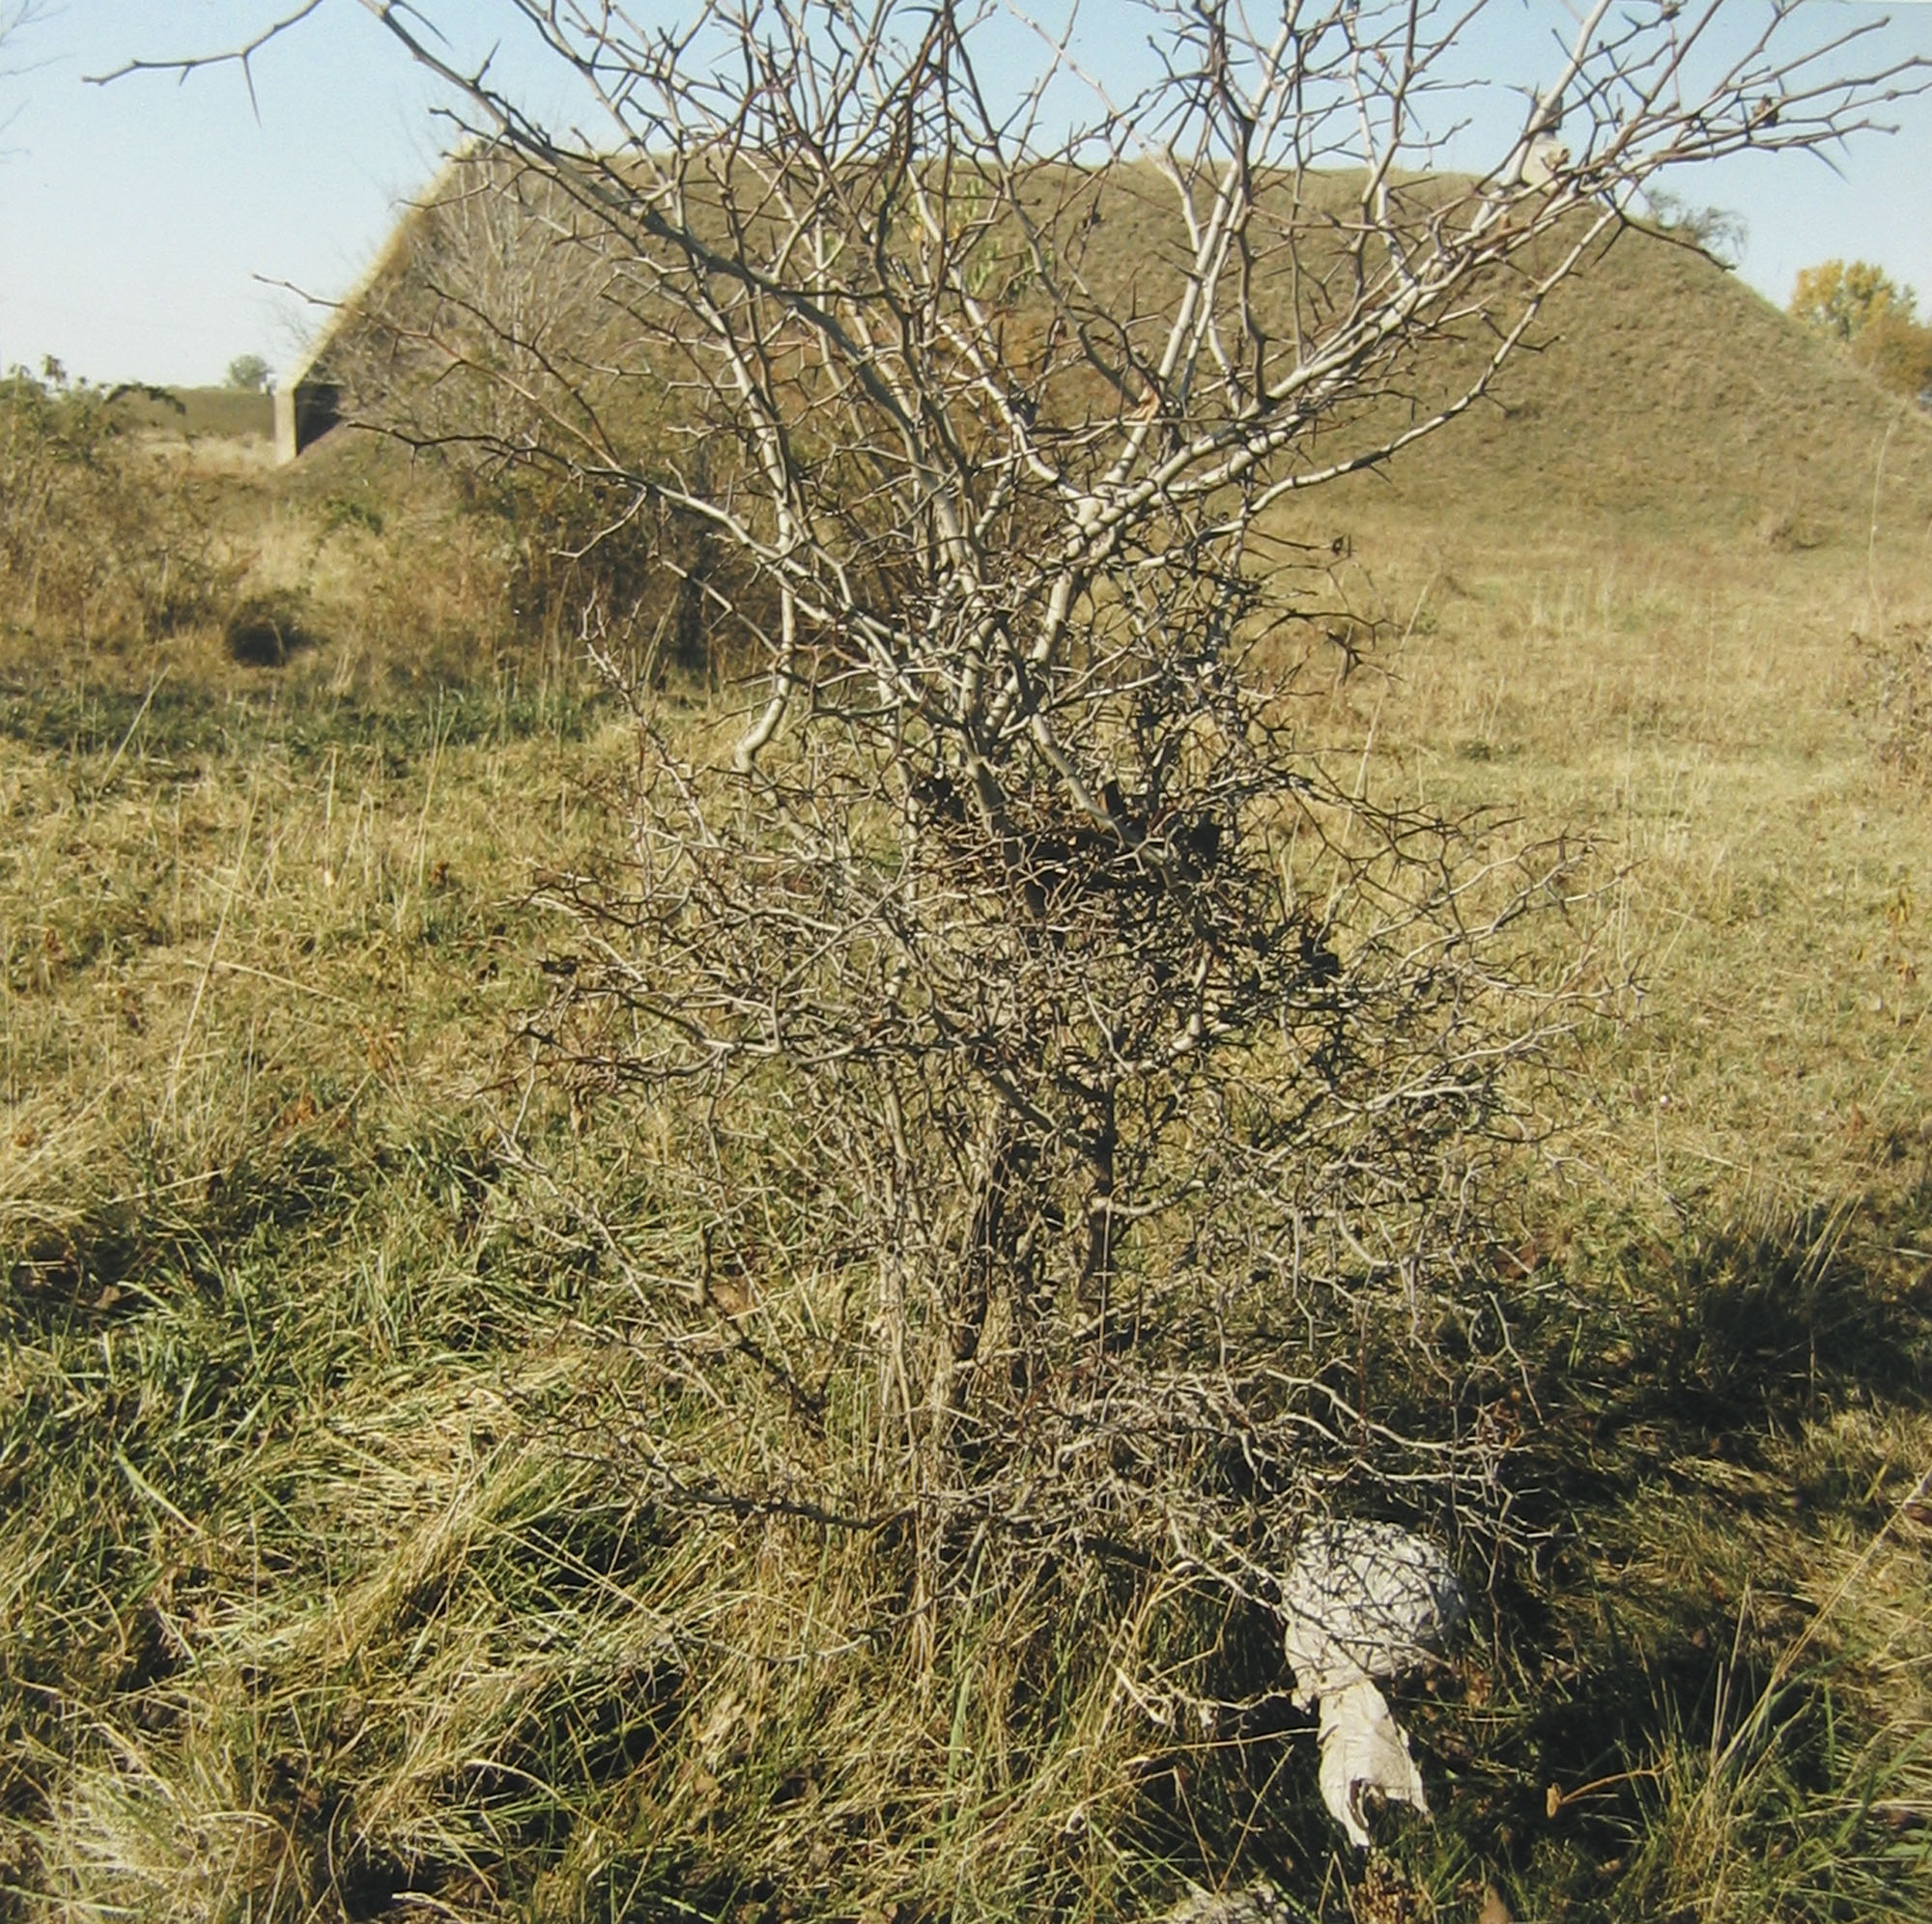 Ammunition storage bunker and bush, October 1995